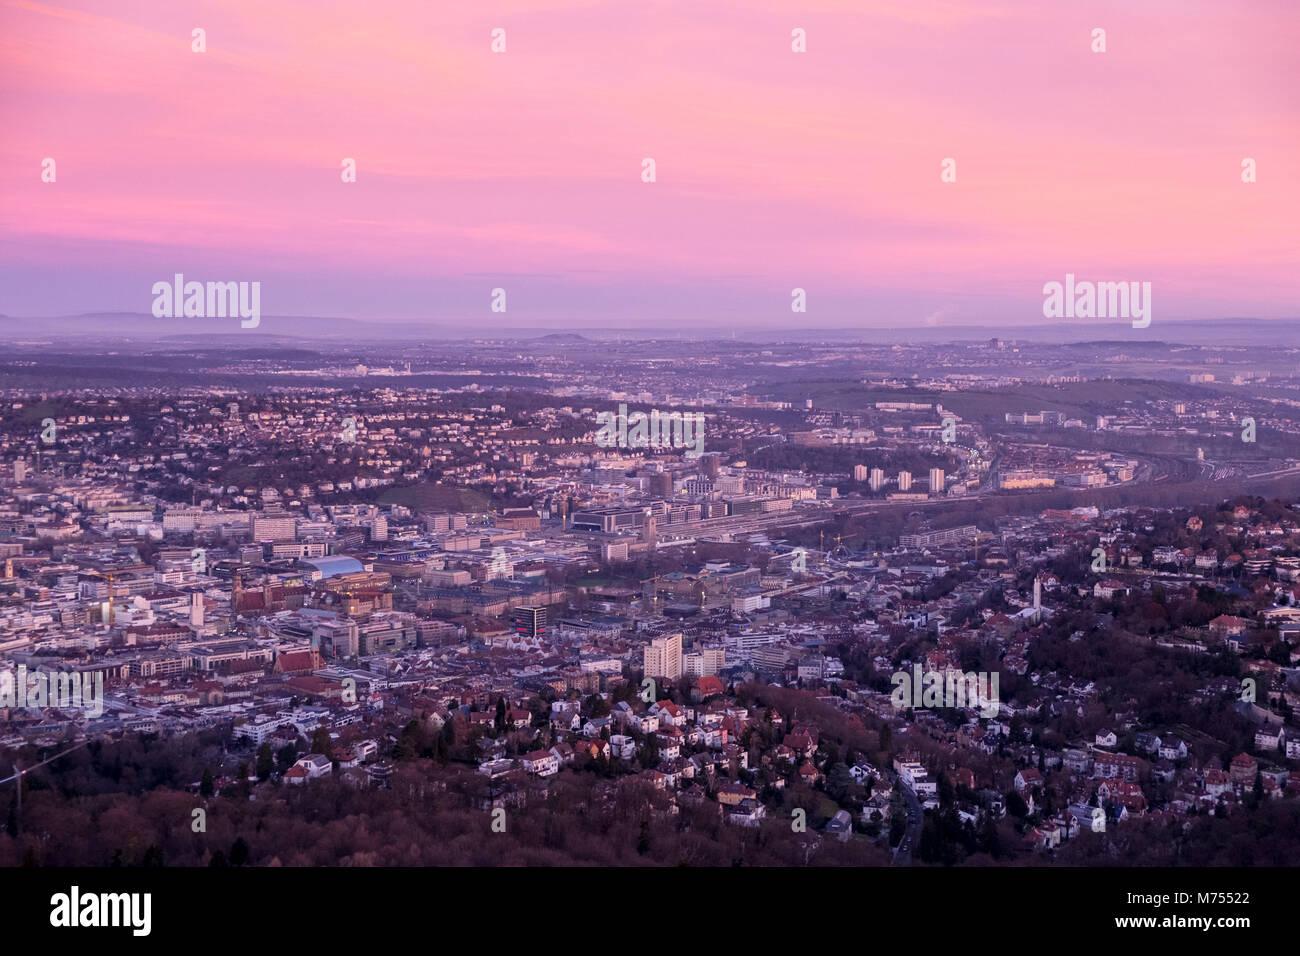 Vista aérea da cidade de Stuttgart, em um belo nascer do sol visto da torre da televisão (Fernsehturm) Imagens de Stock